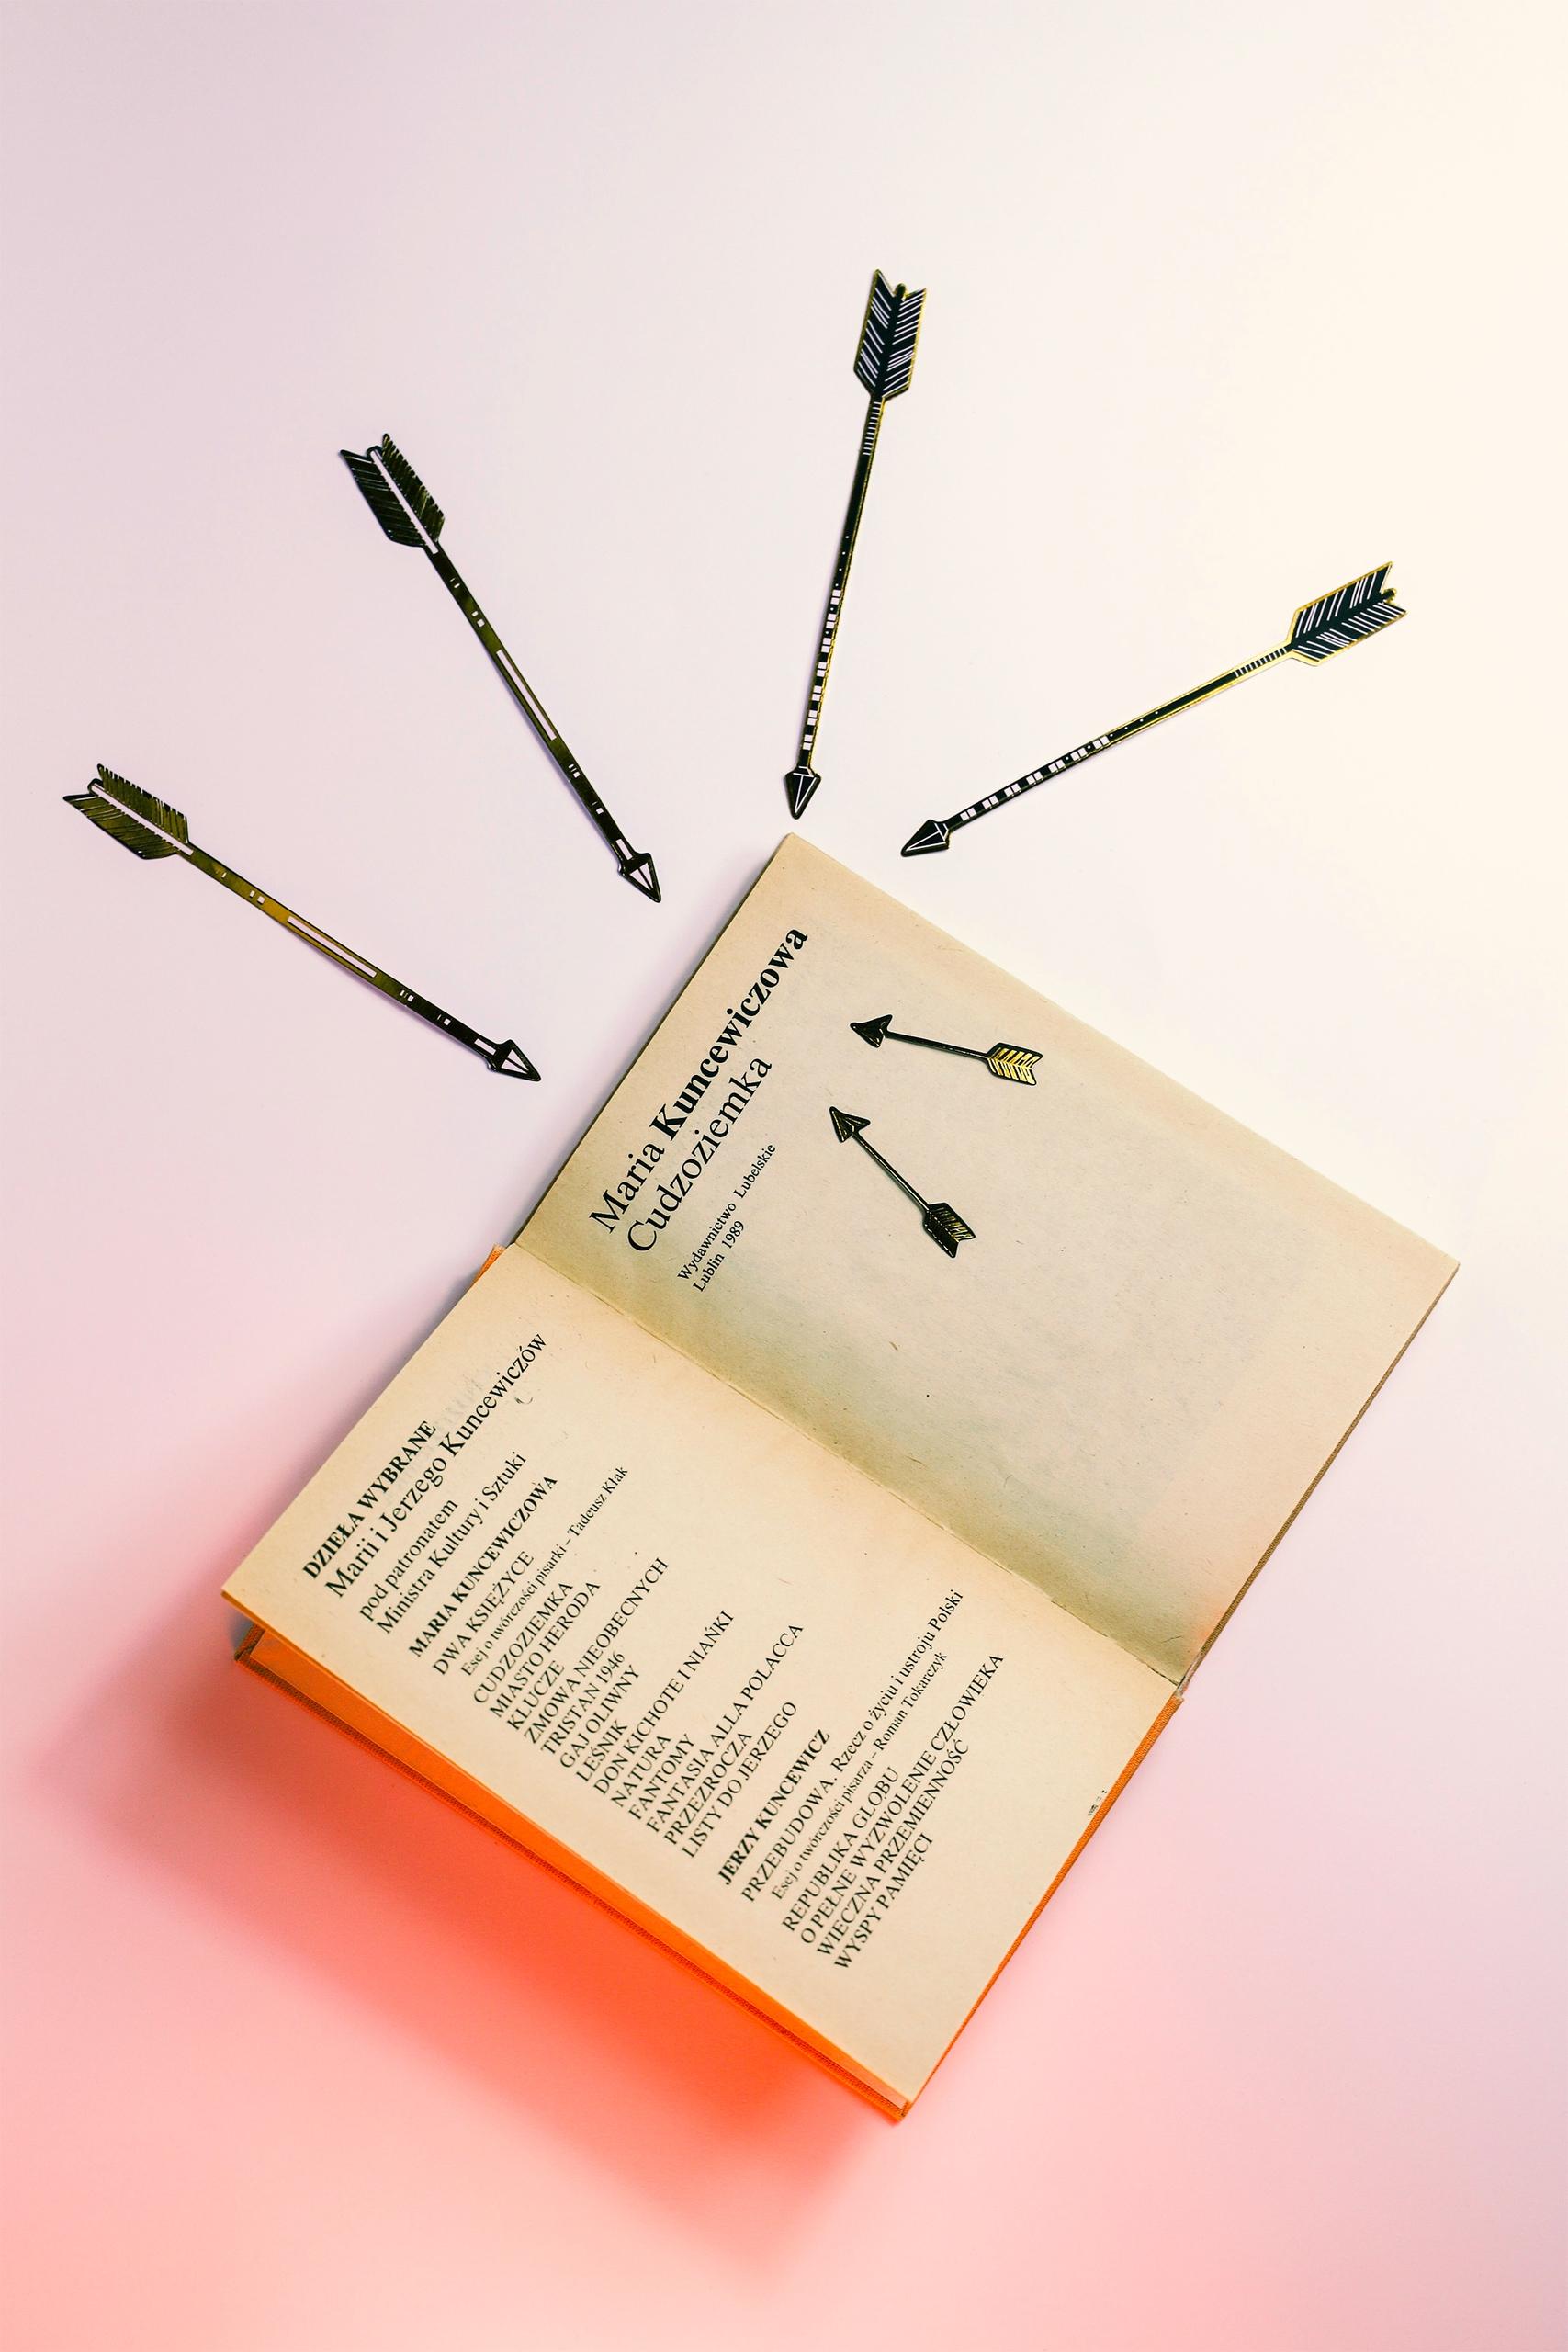 Obraz przedstawia otwartą książkę na jasnym tle.